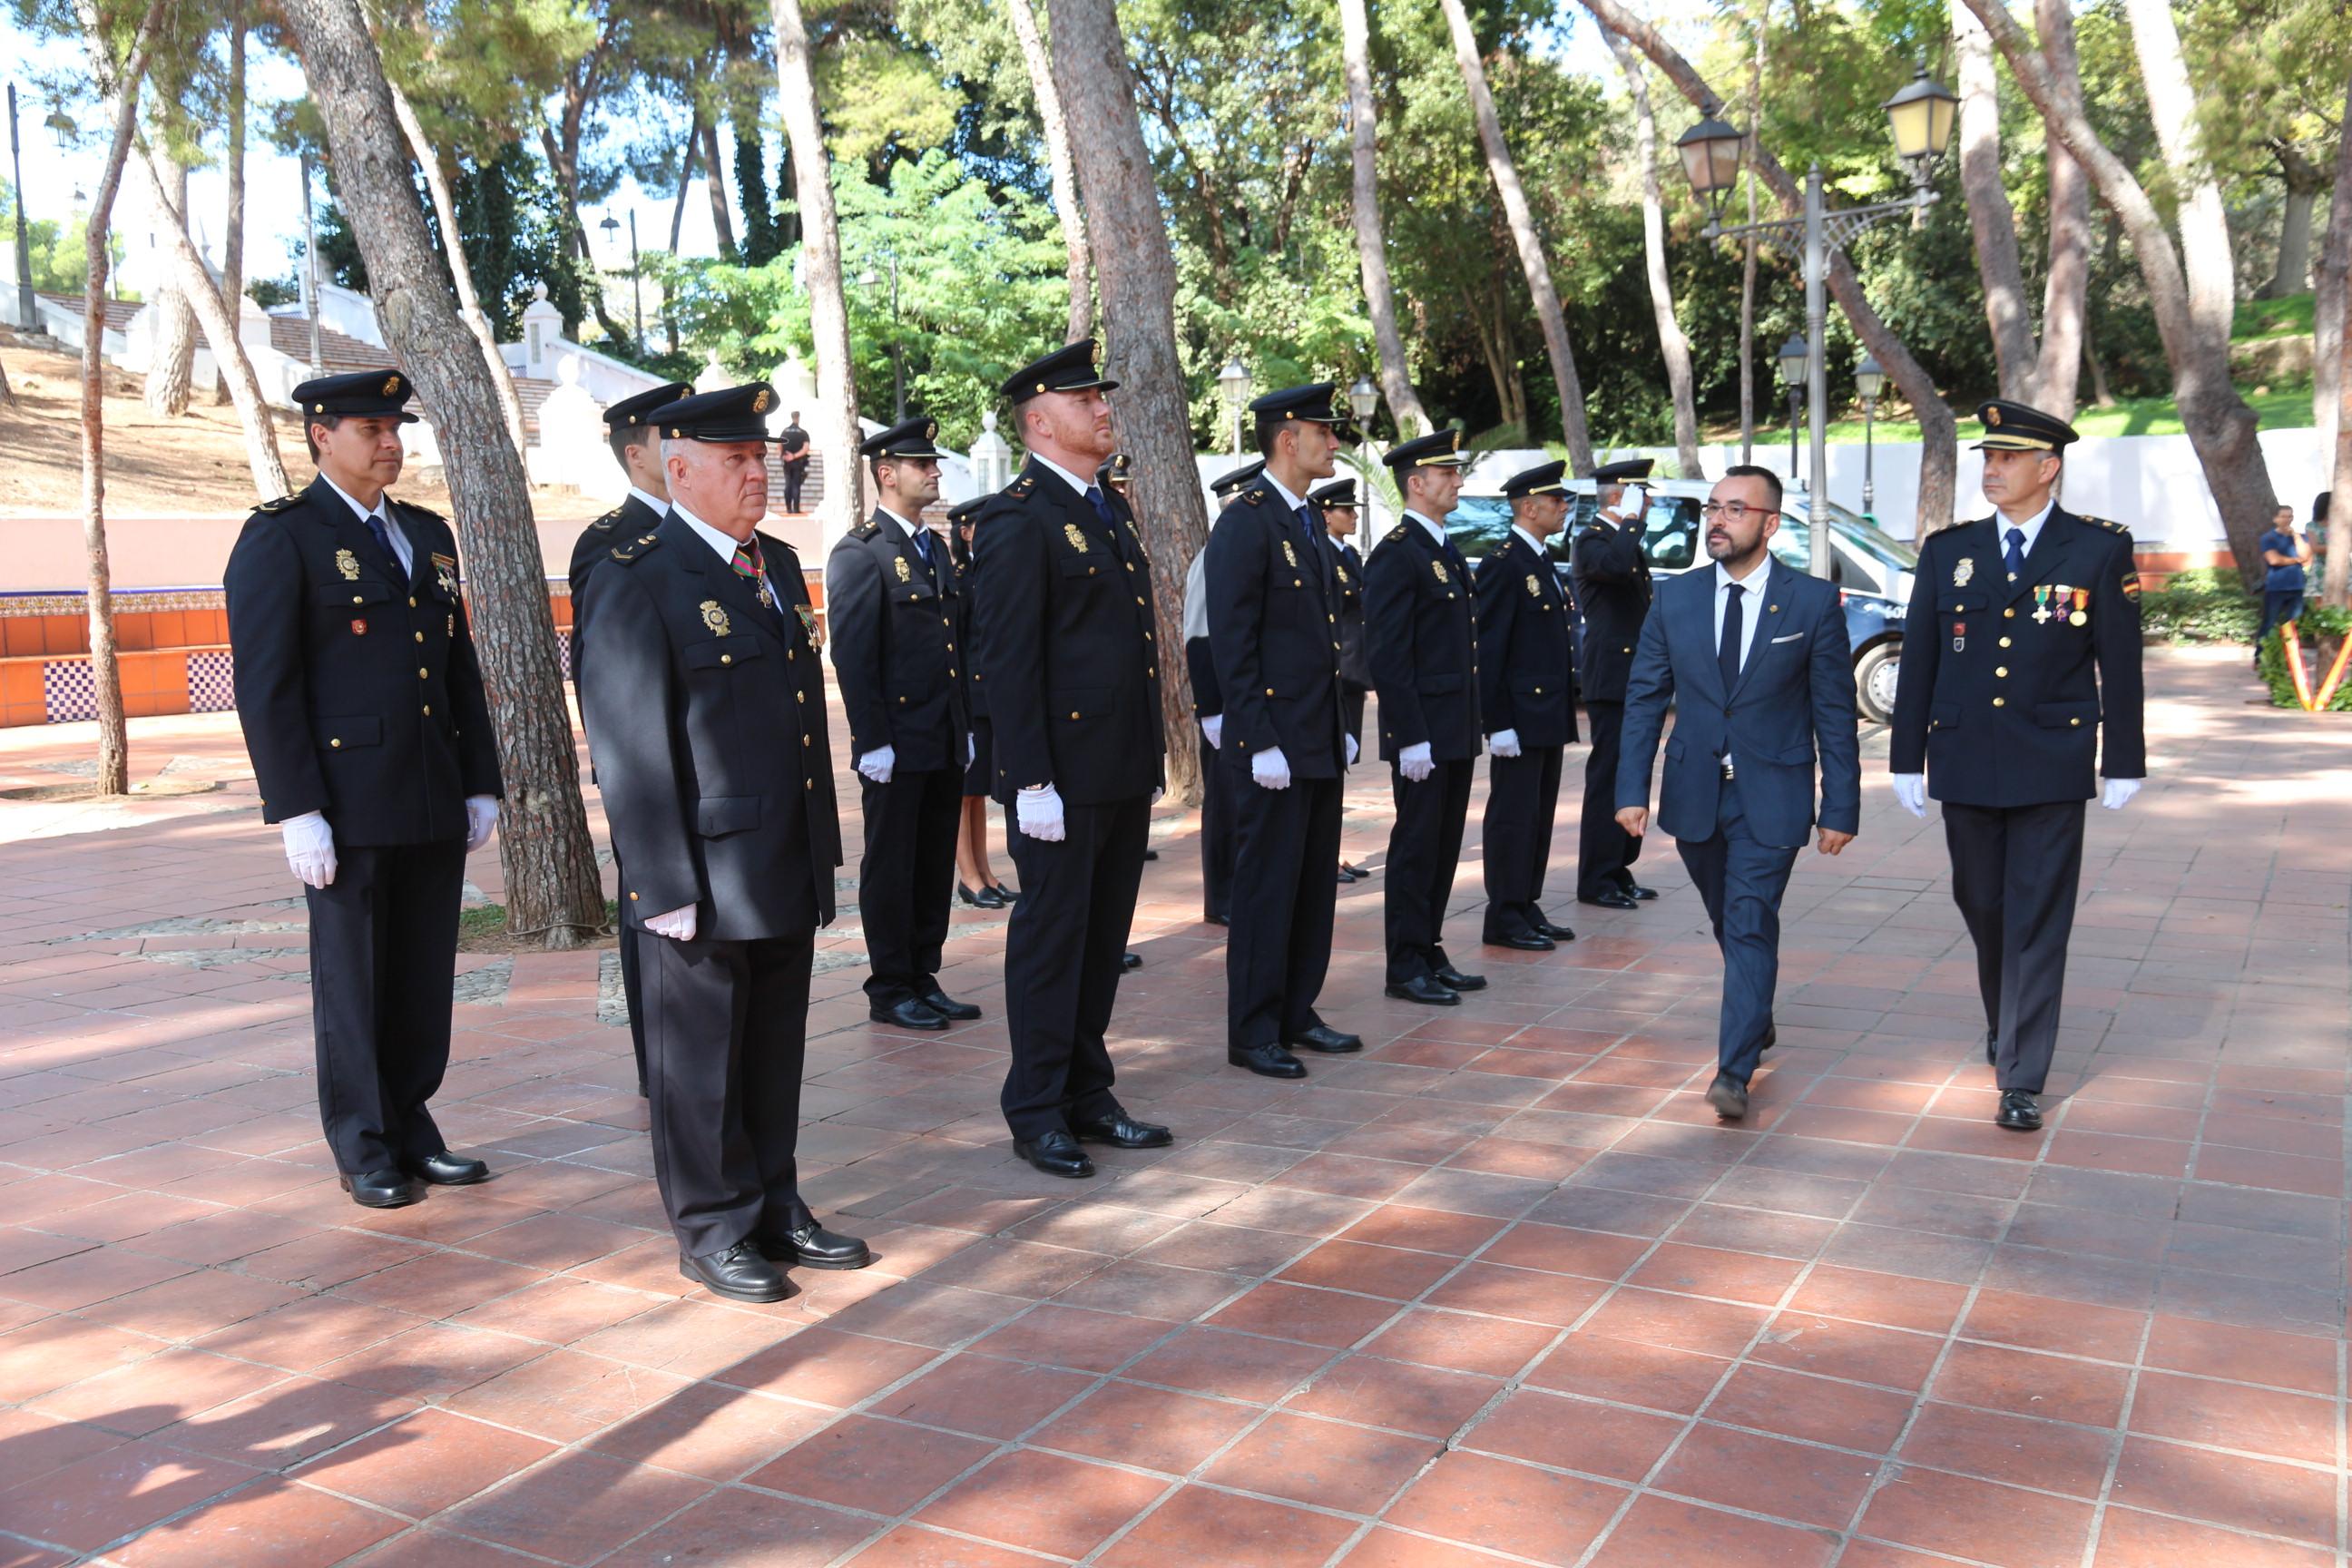 Benlloch felicita a la Policía Nacional por su trabajo en Vila-real y anuncia que busca ya locales para el traslado de la comisaría